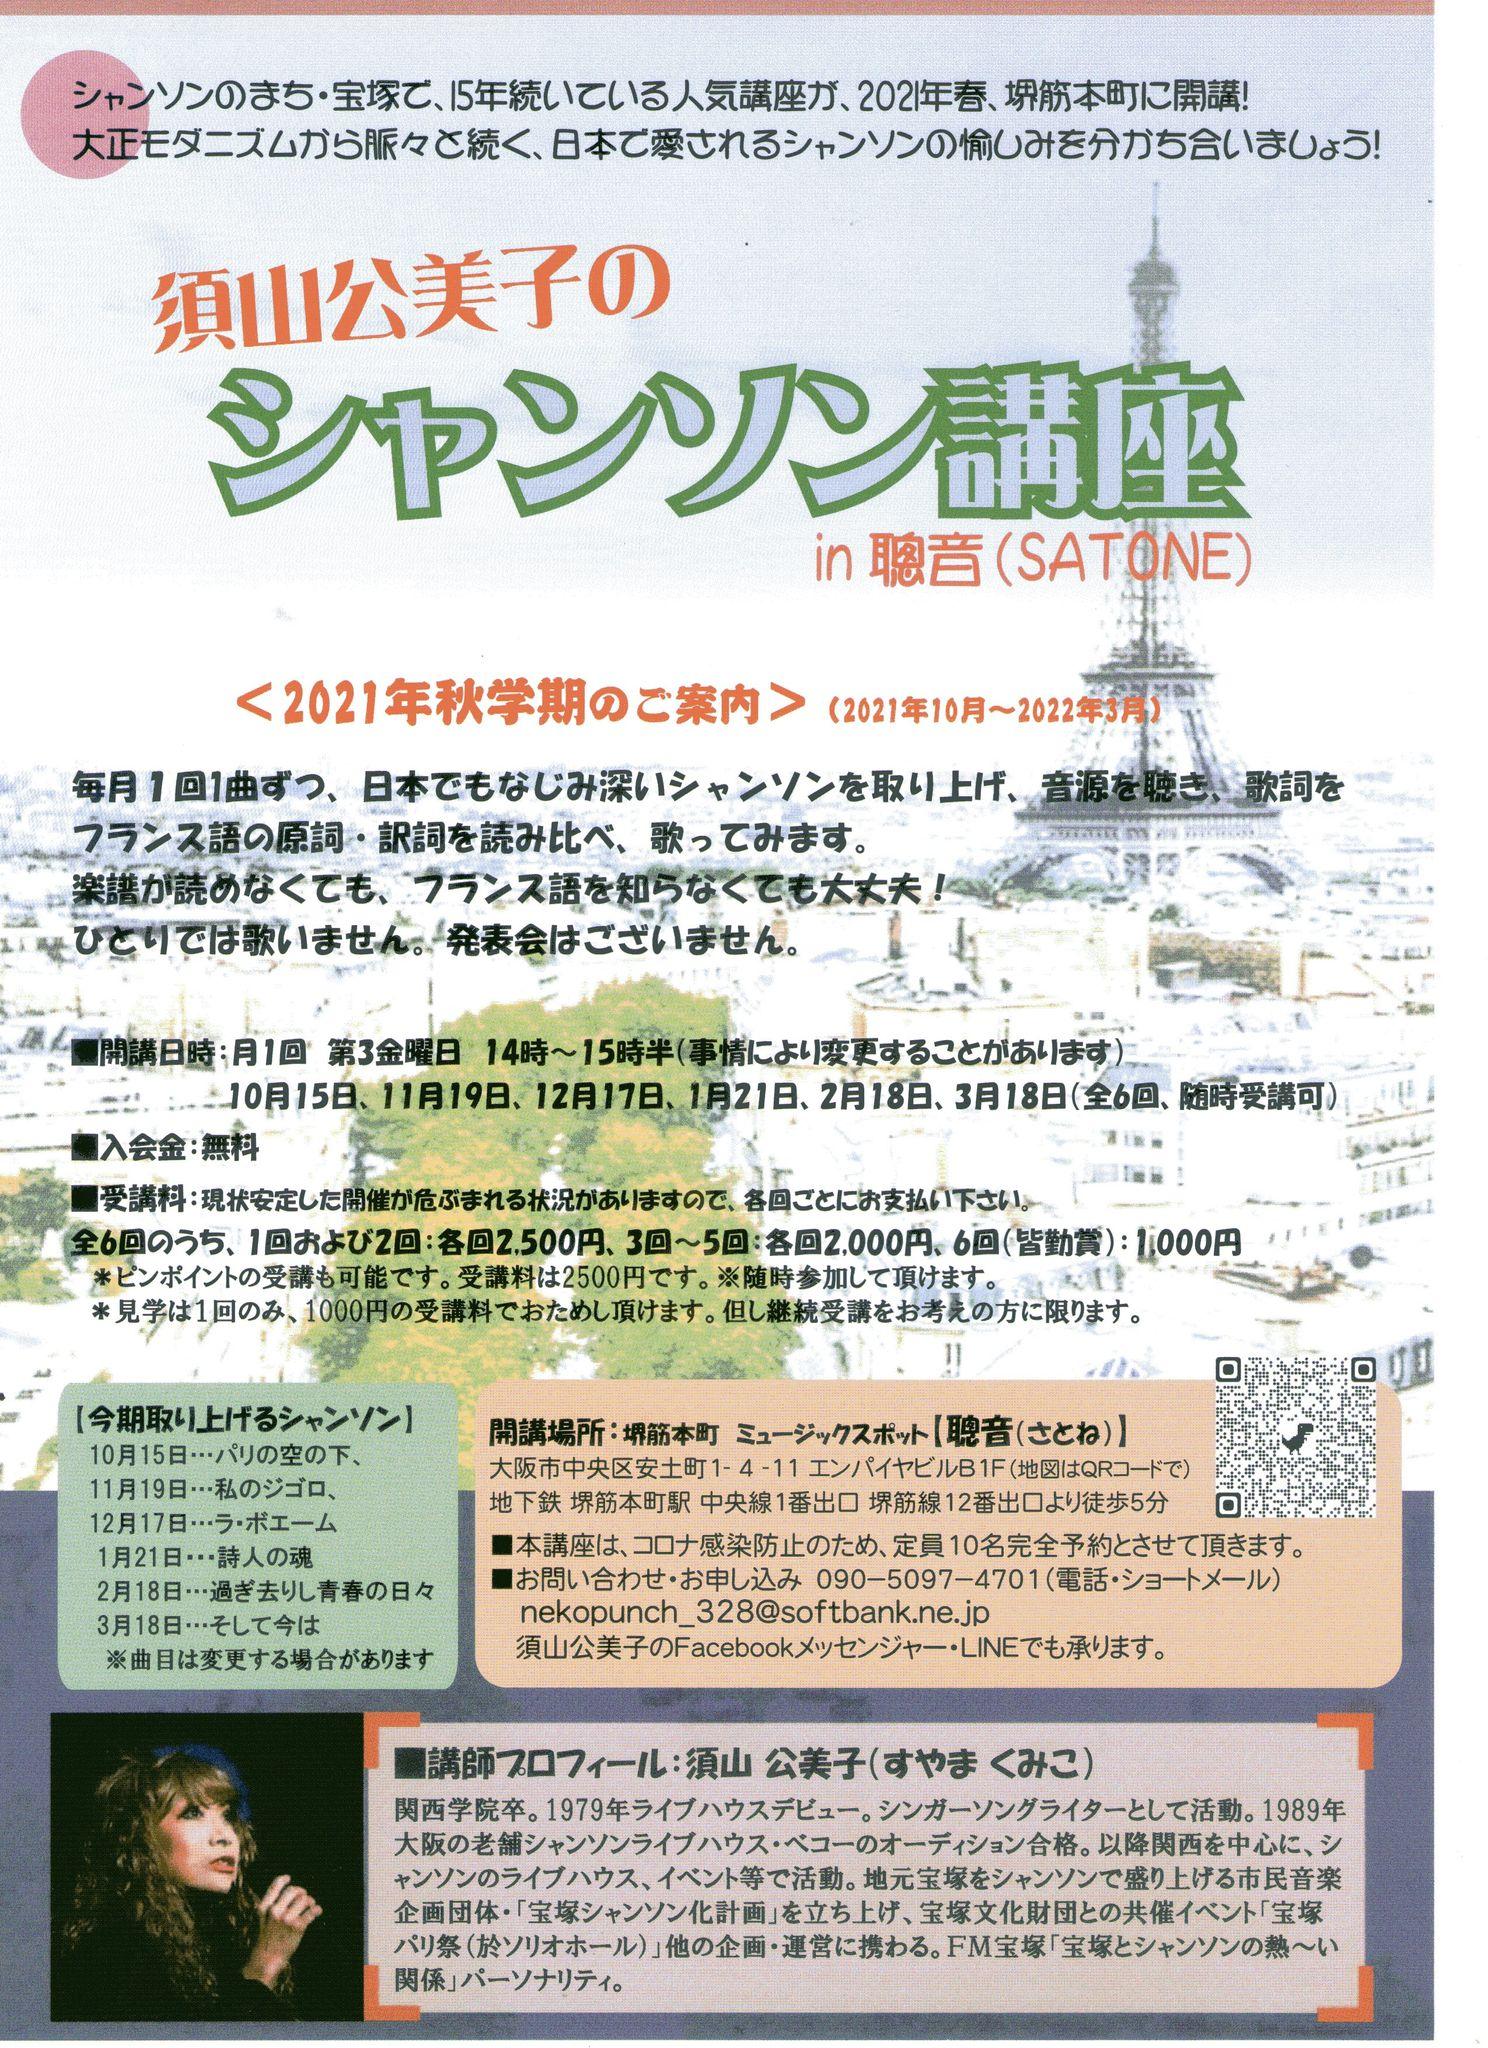 10/15(金)昼 14:00〜「須山 公美子のシャンソン講座」